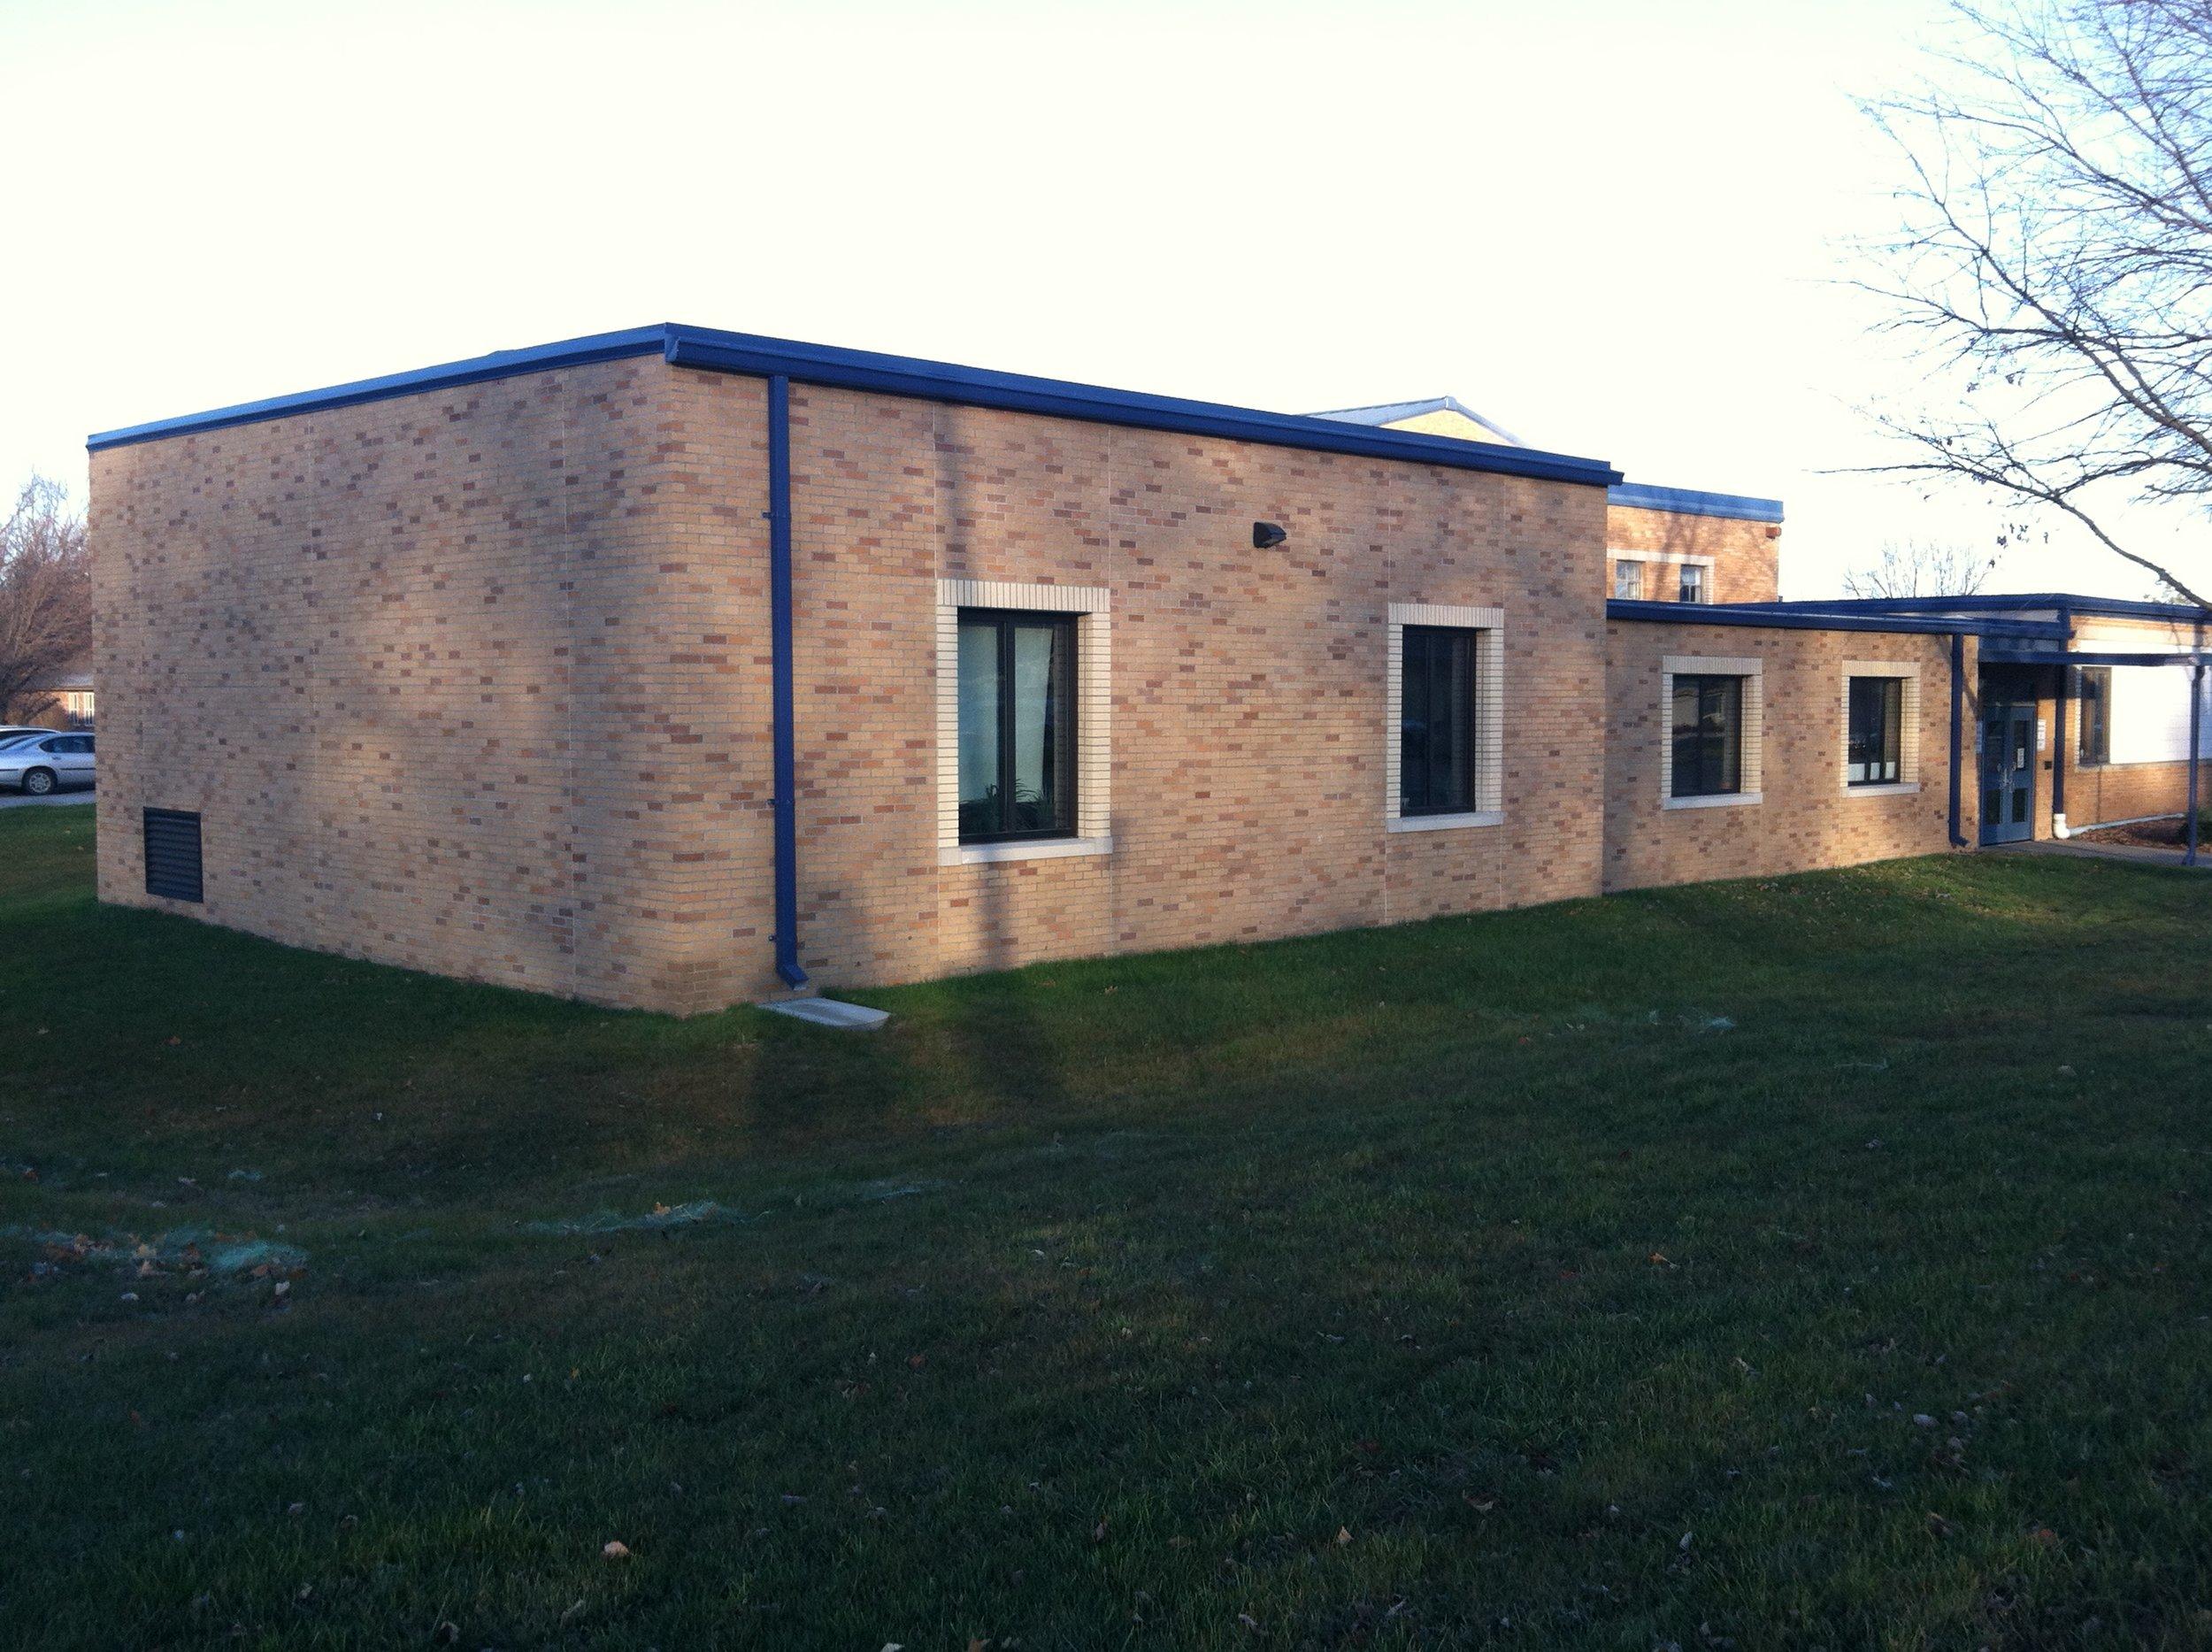 Auburn Elementary FEMA Shelter Addition   Client: USD 437 Auburn Washburn Architect: HTK Architects